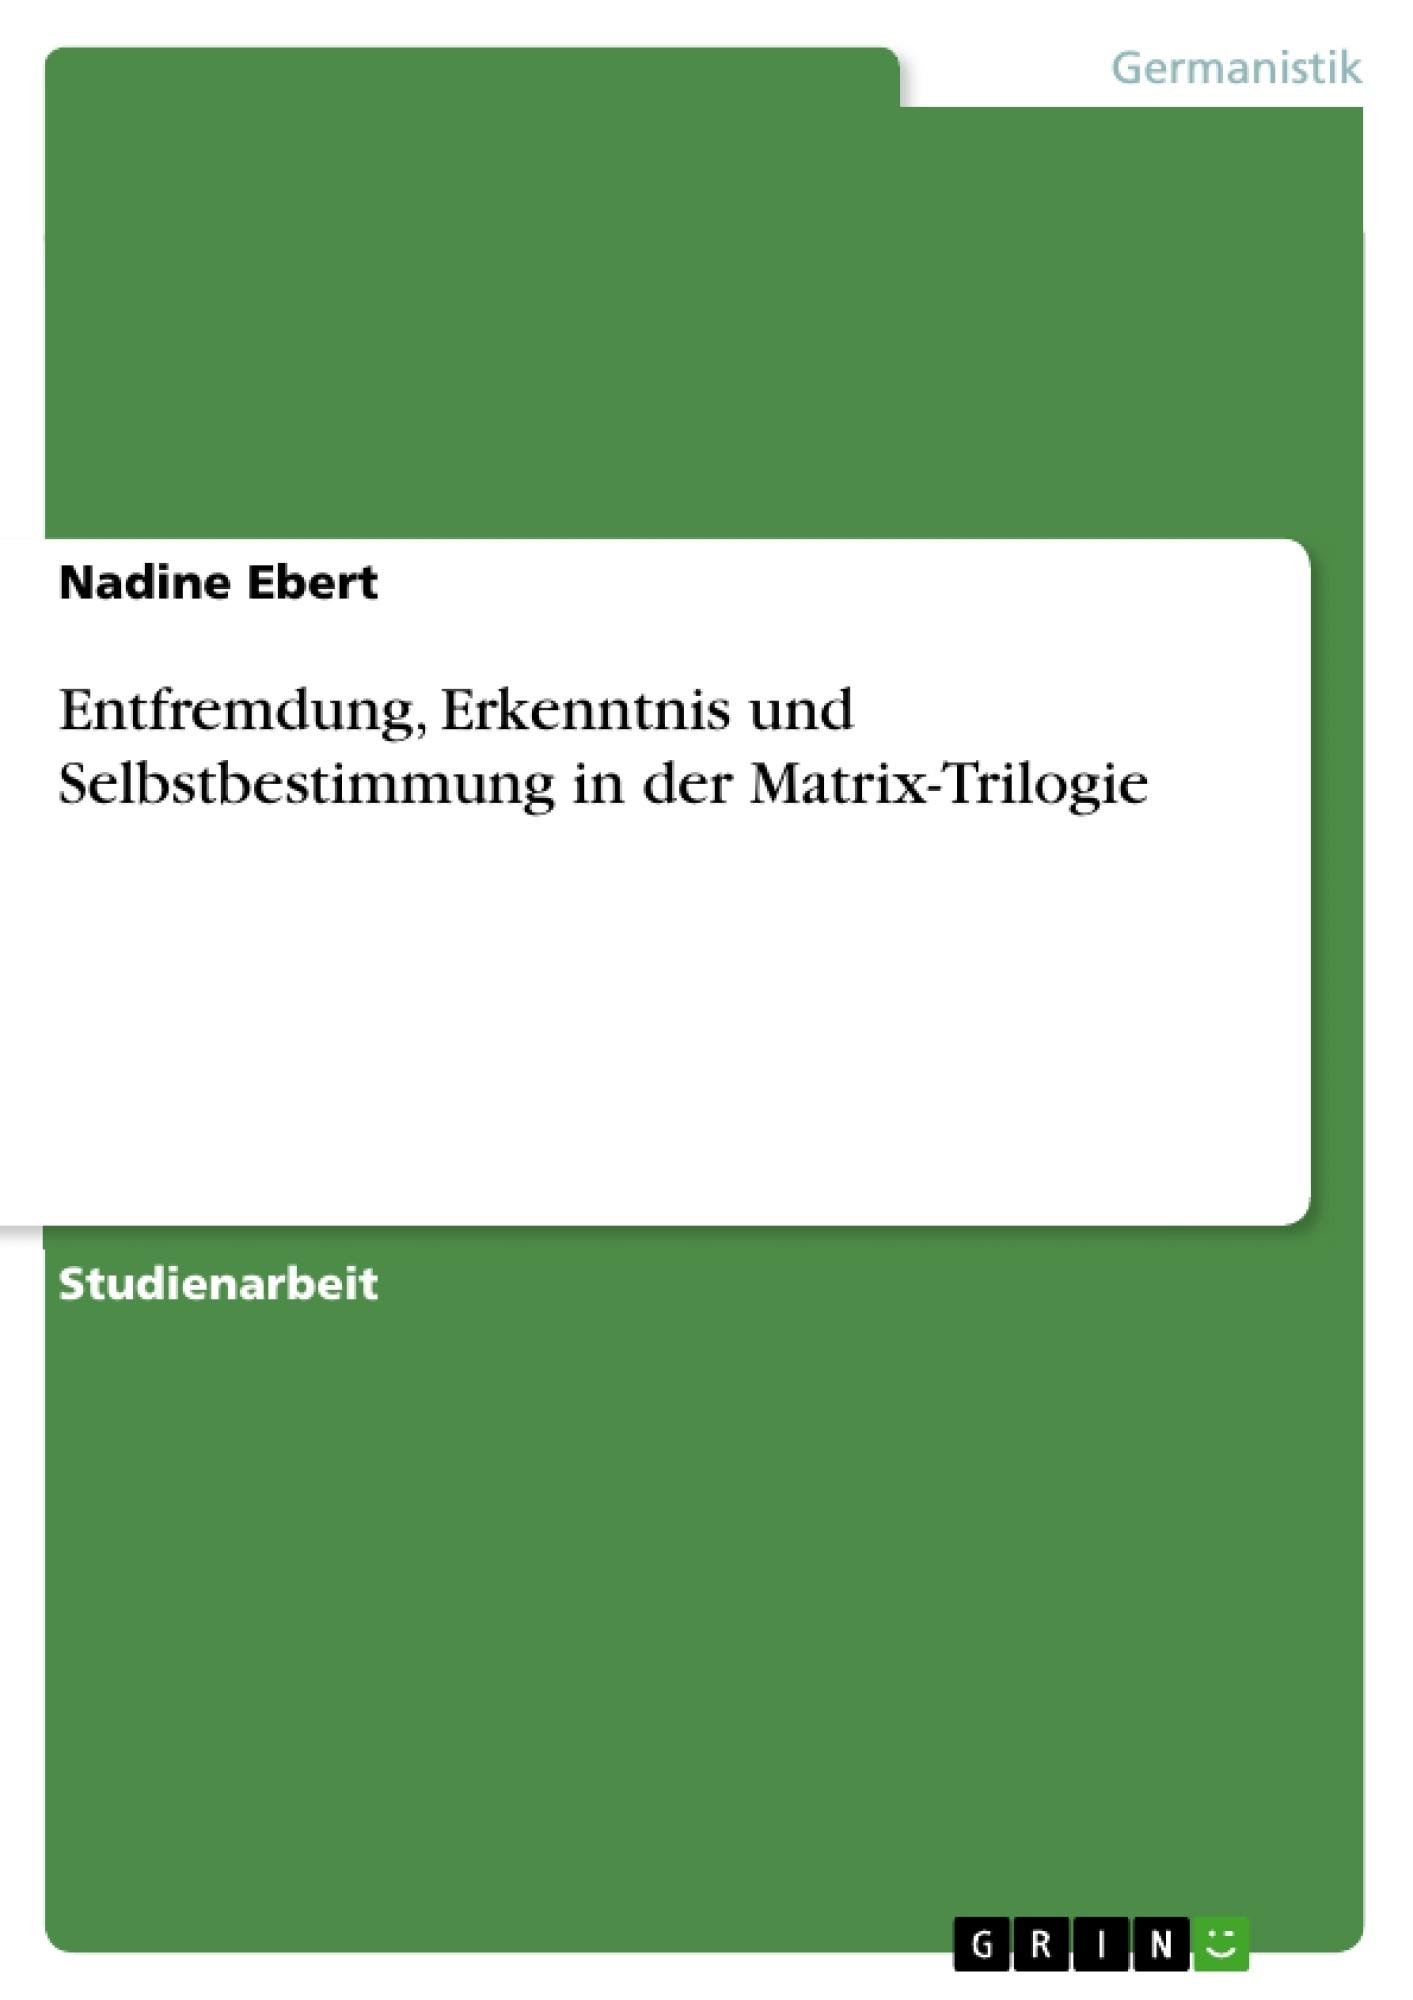 Titel: Entfremdung, Erkenntnis und Selbstbestimmung in der Matrix-Trilogie